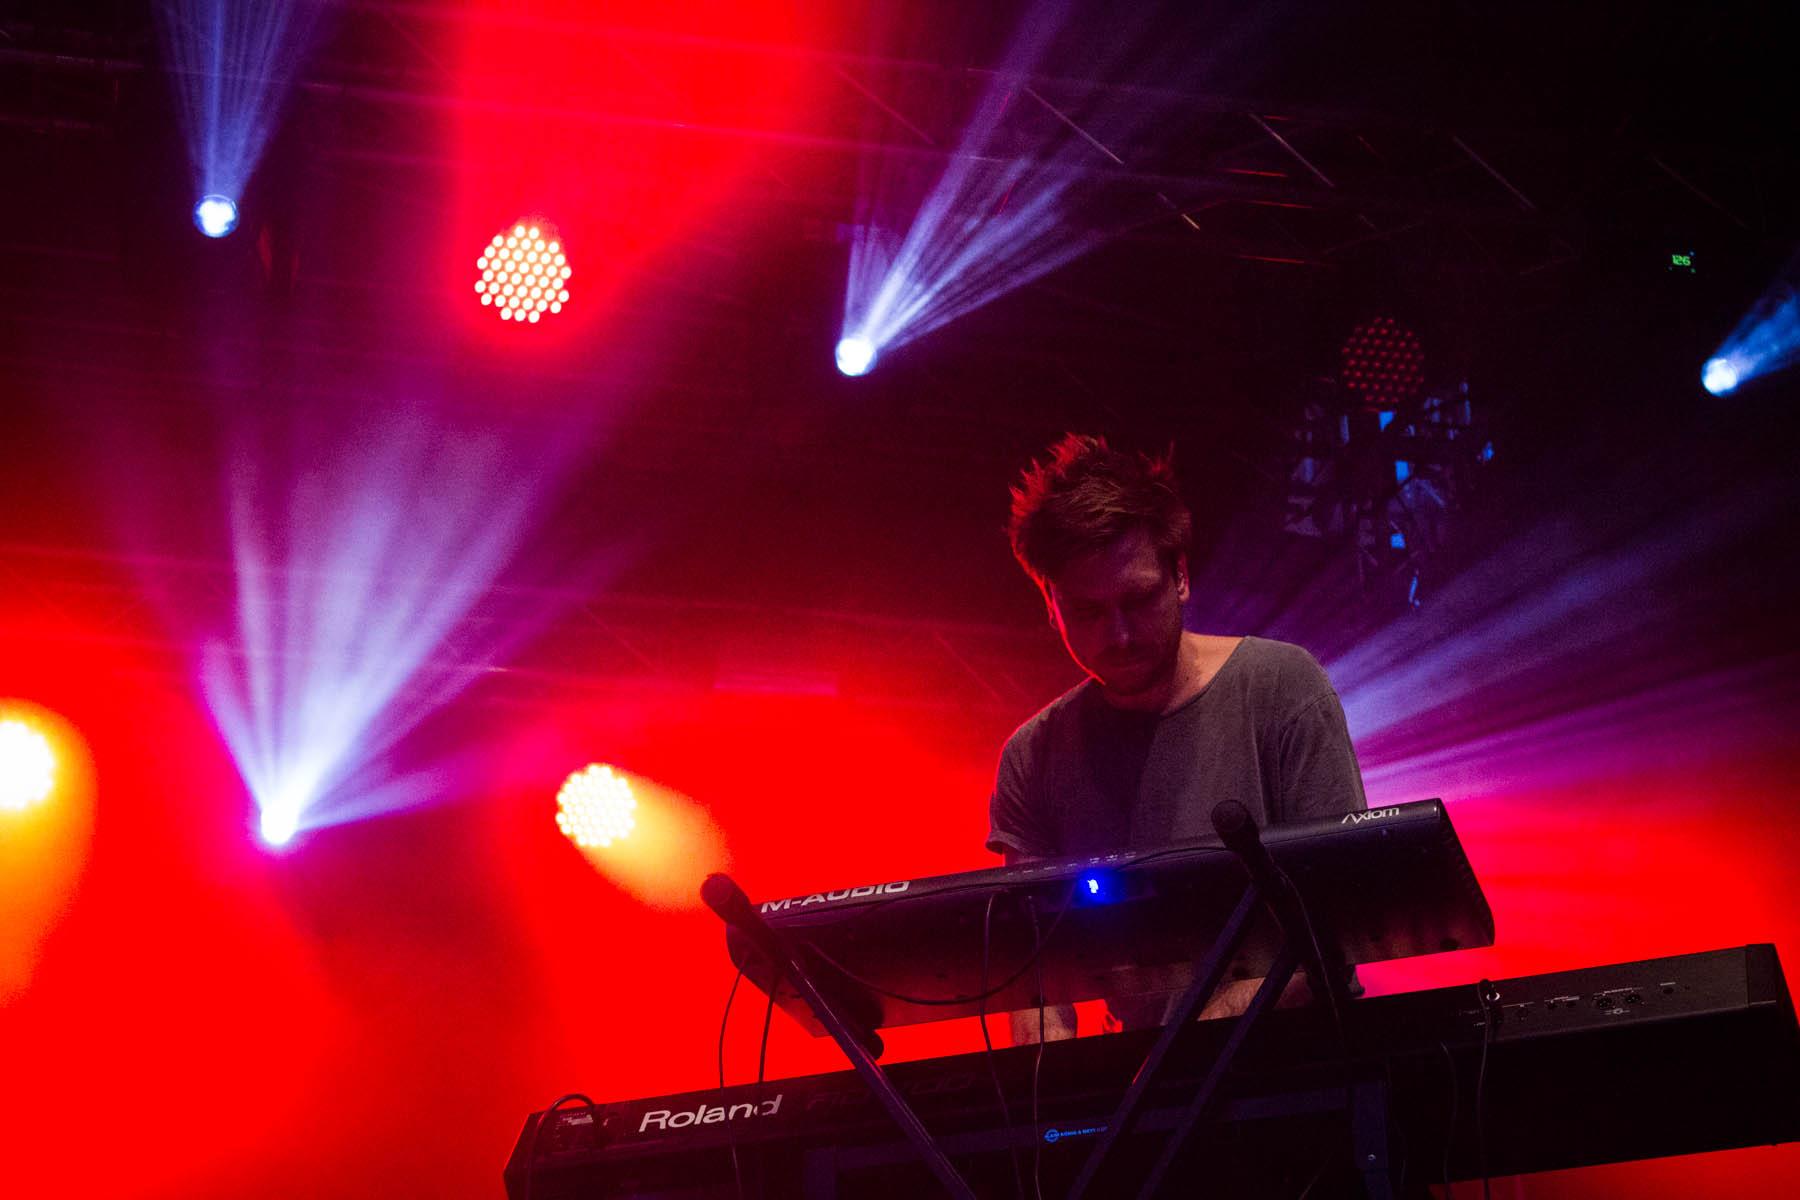 Axel Füllgraf - Butterland 2016 - Jan Blomqvist & Band